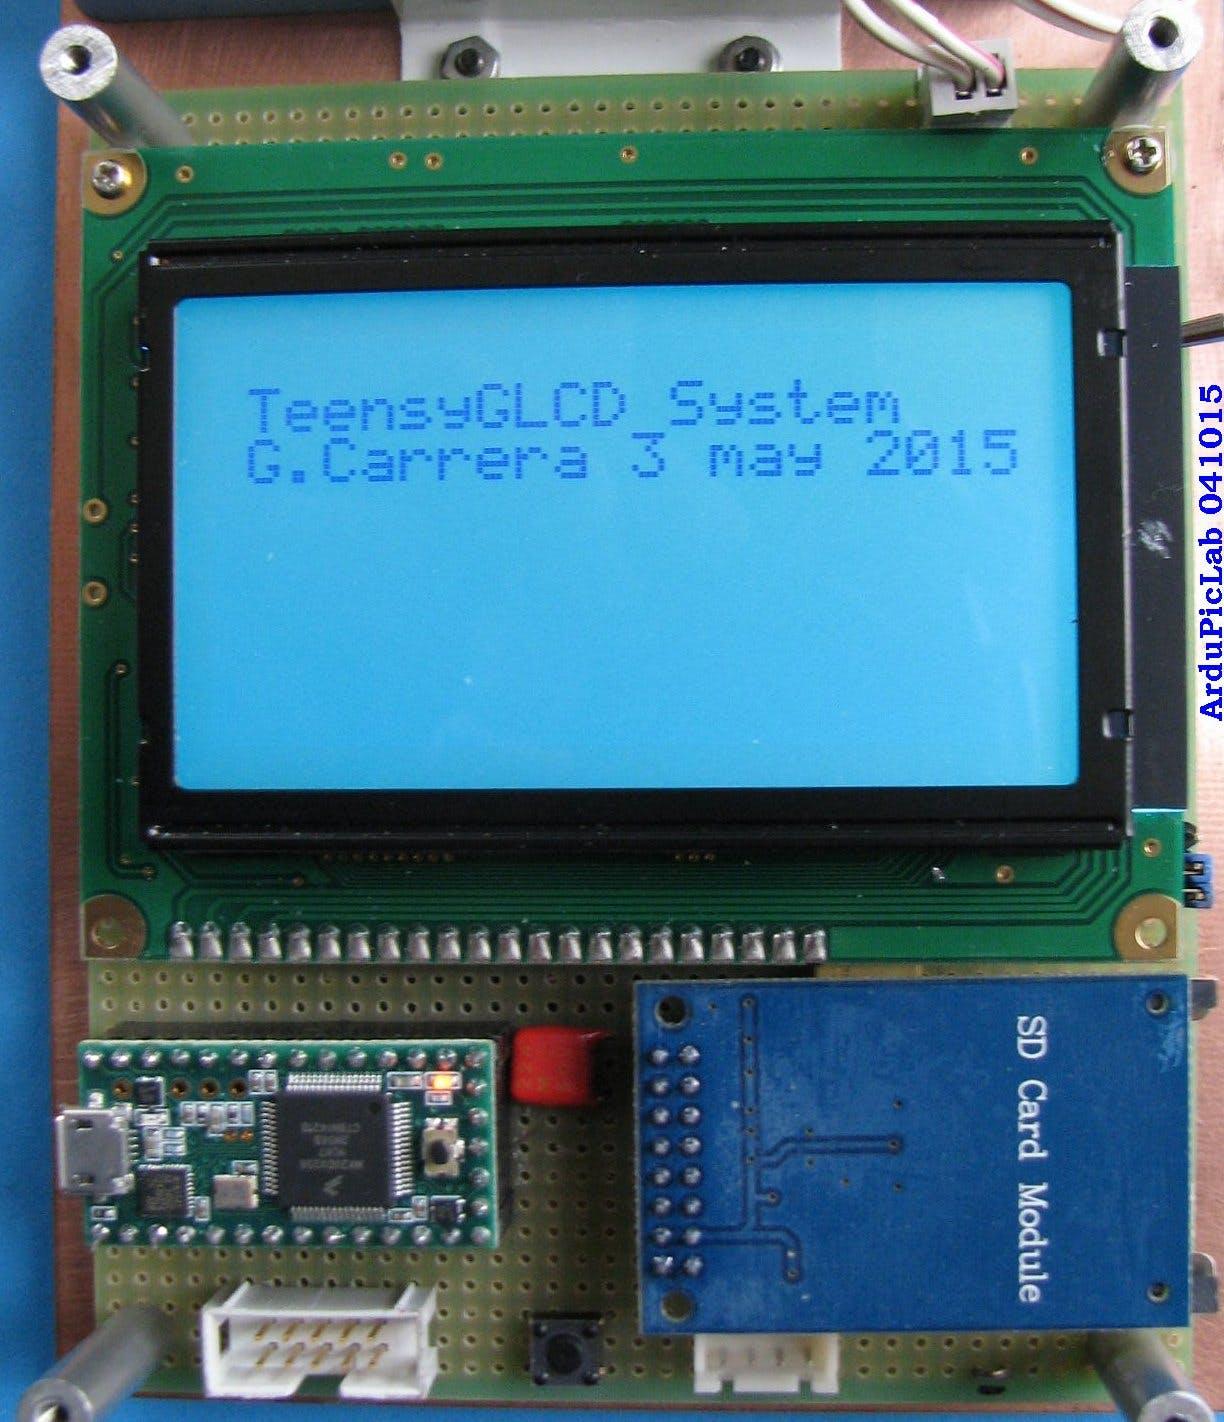 A 128x64 GLCD for Teensy 3.x